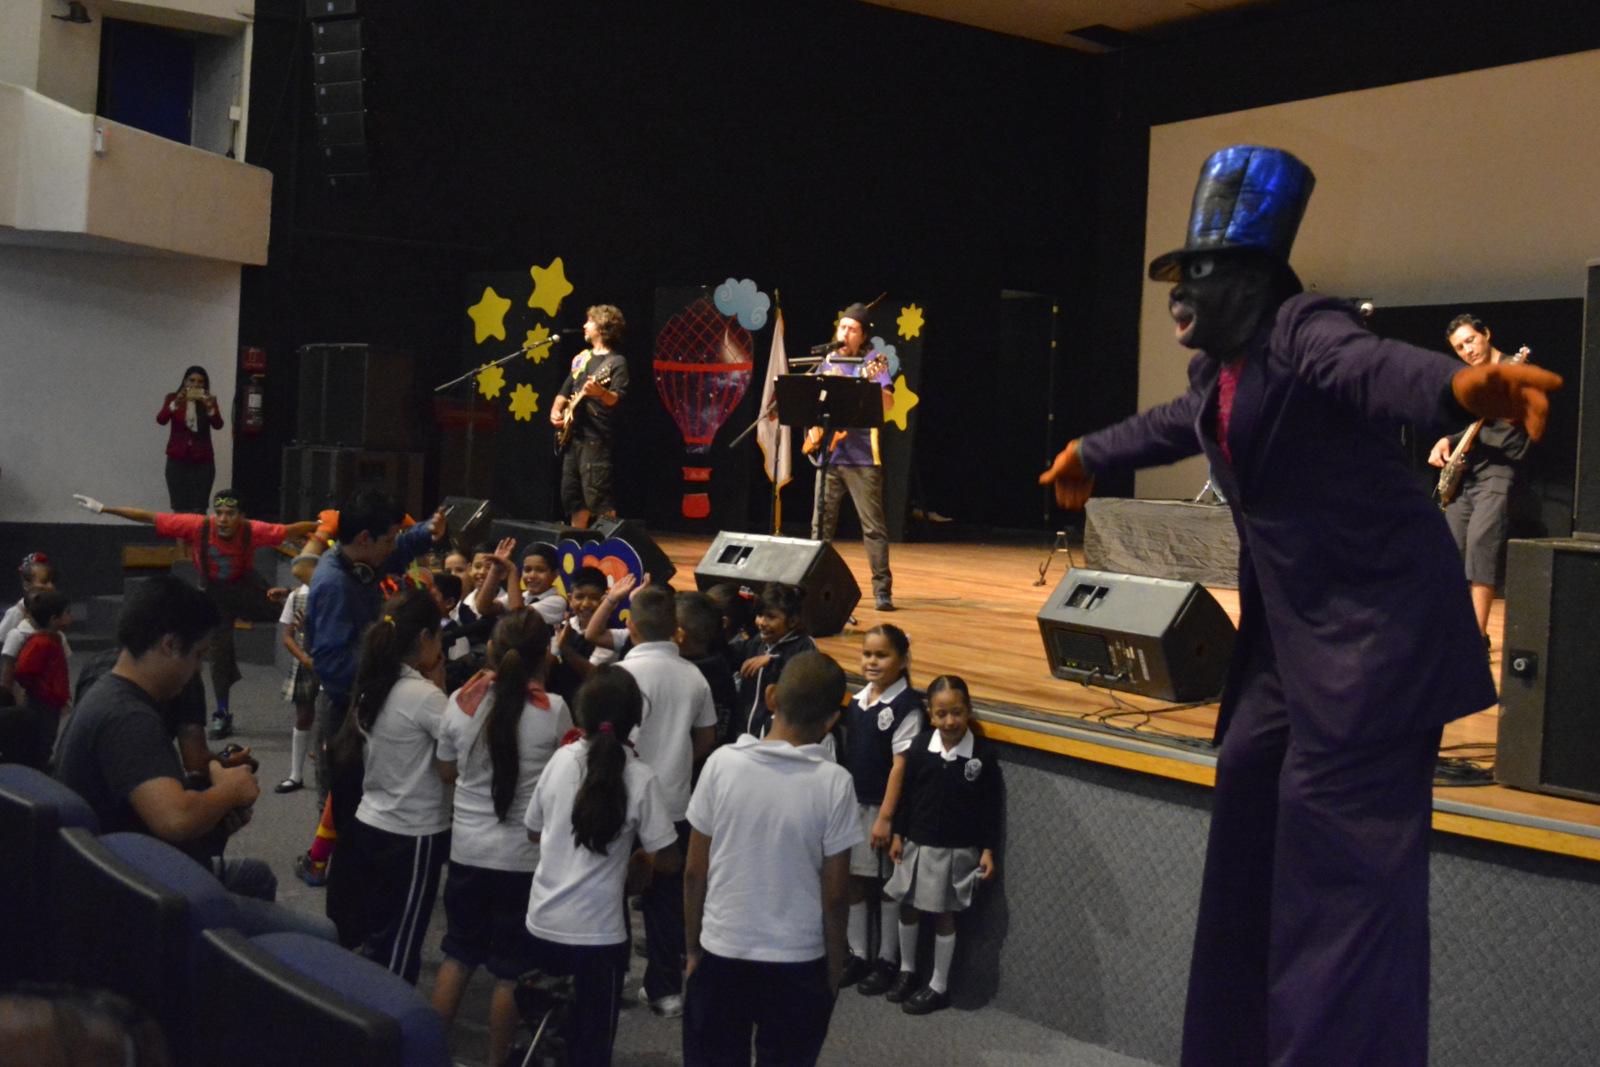 Grupo de niños de escuelas de Autlán y alrededores, disfrutando de un espectáculo de música y de eventos con personajes de un negrito en zancos y un payaso, dentro del auditorio del Centro Universitario.